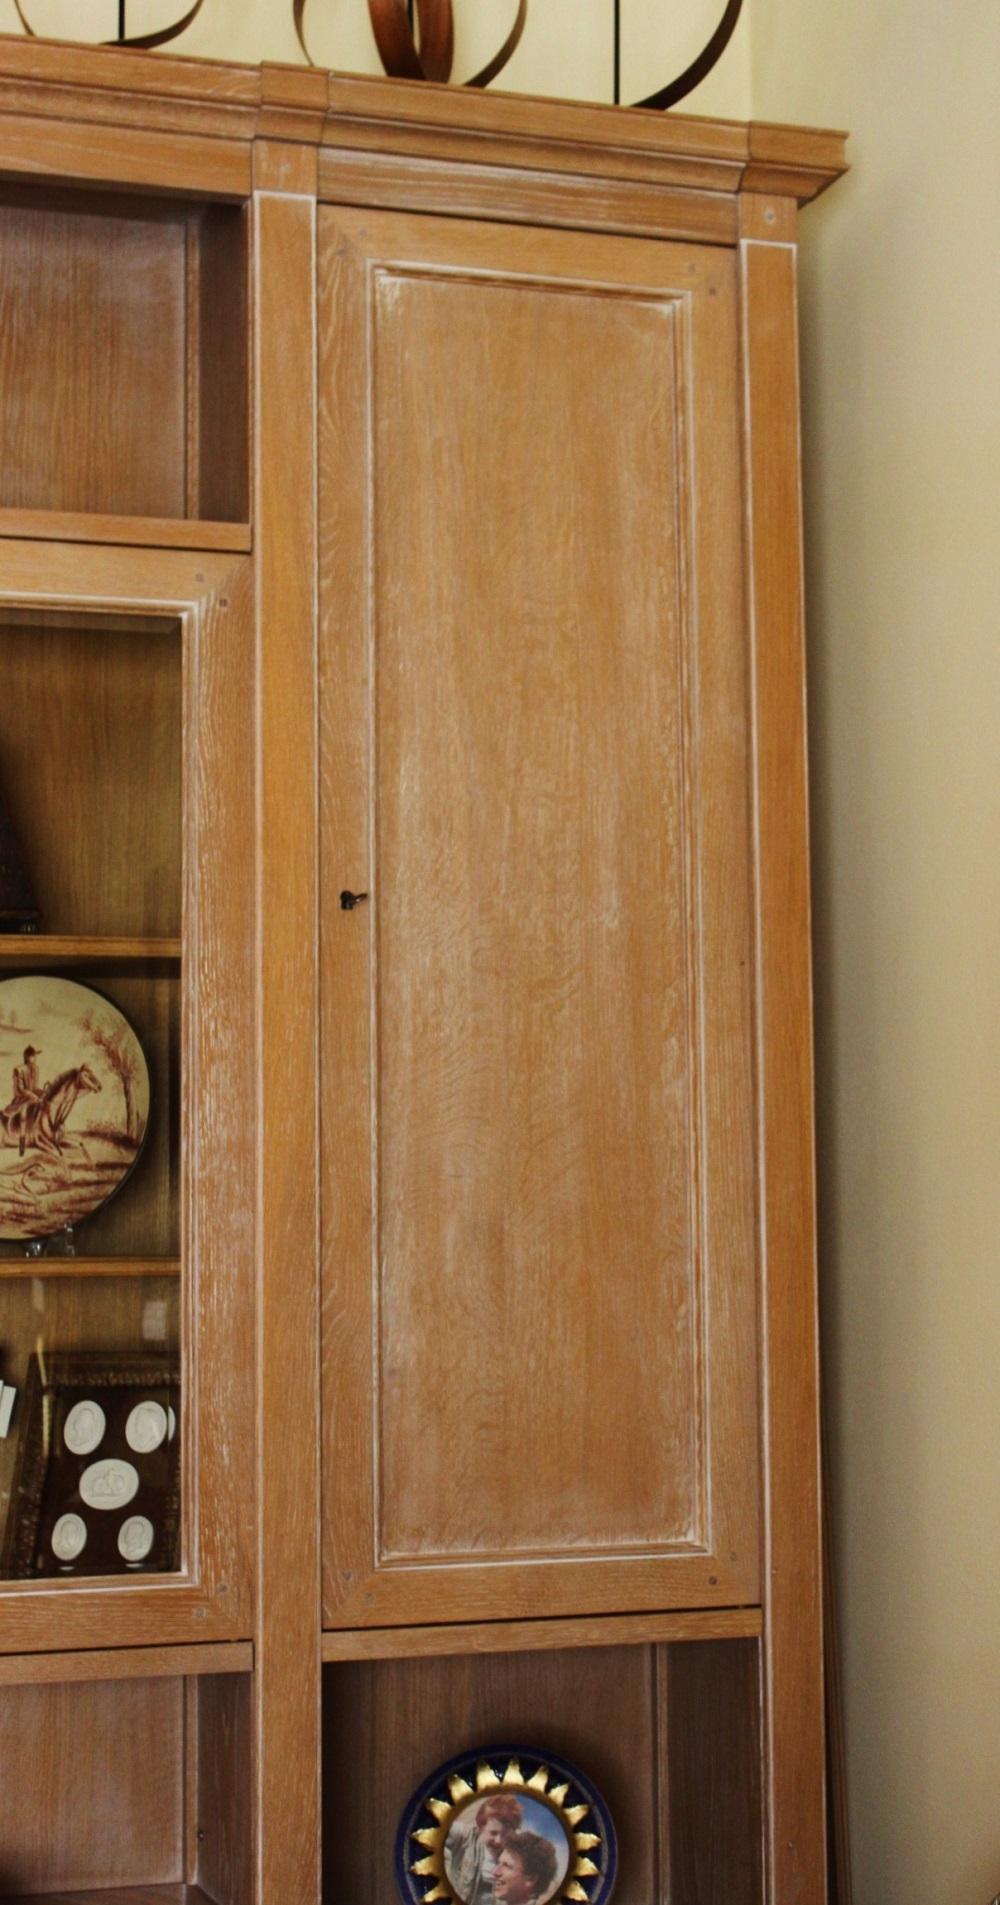 Composizione boiserie a parete componibile in legno di rovere - Grande Arredo in offerta al 50% ...